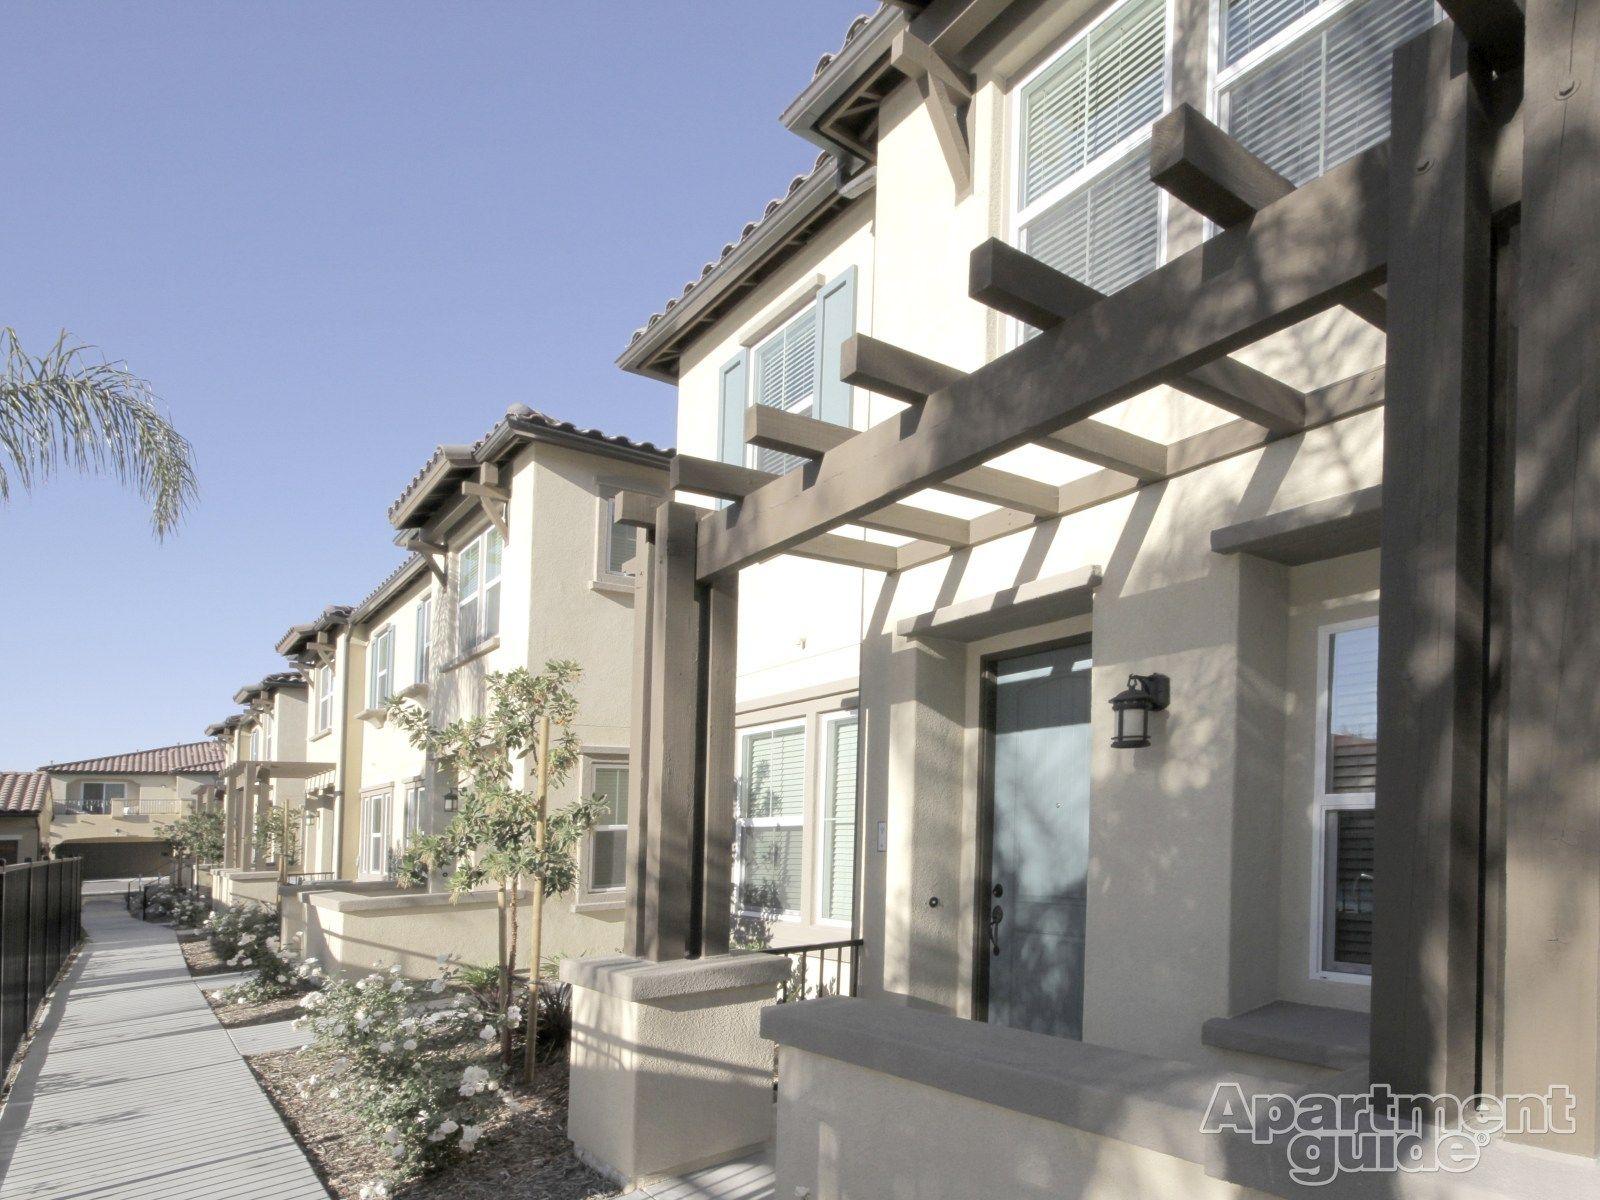 Casalago Eastlake Apartments Chula Vista Ca 91915 Apartments